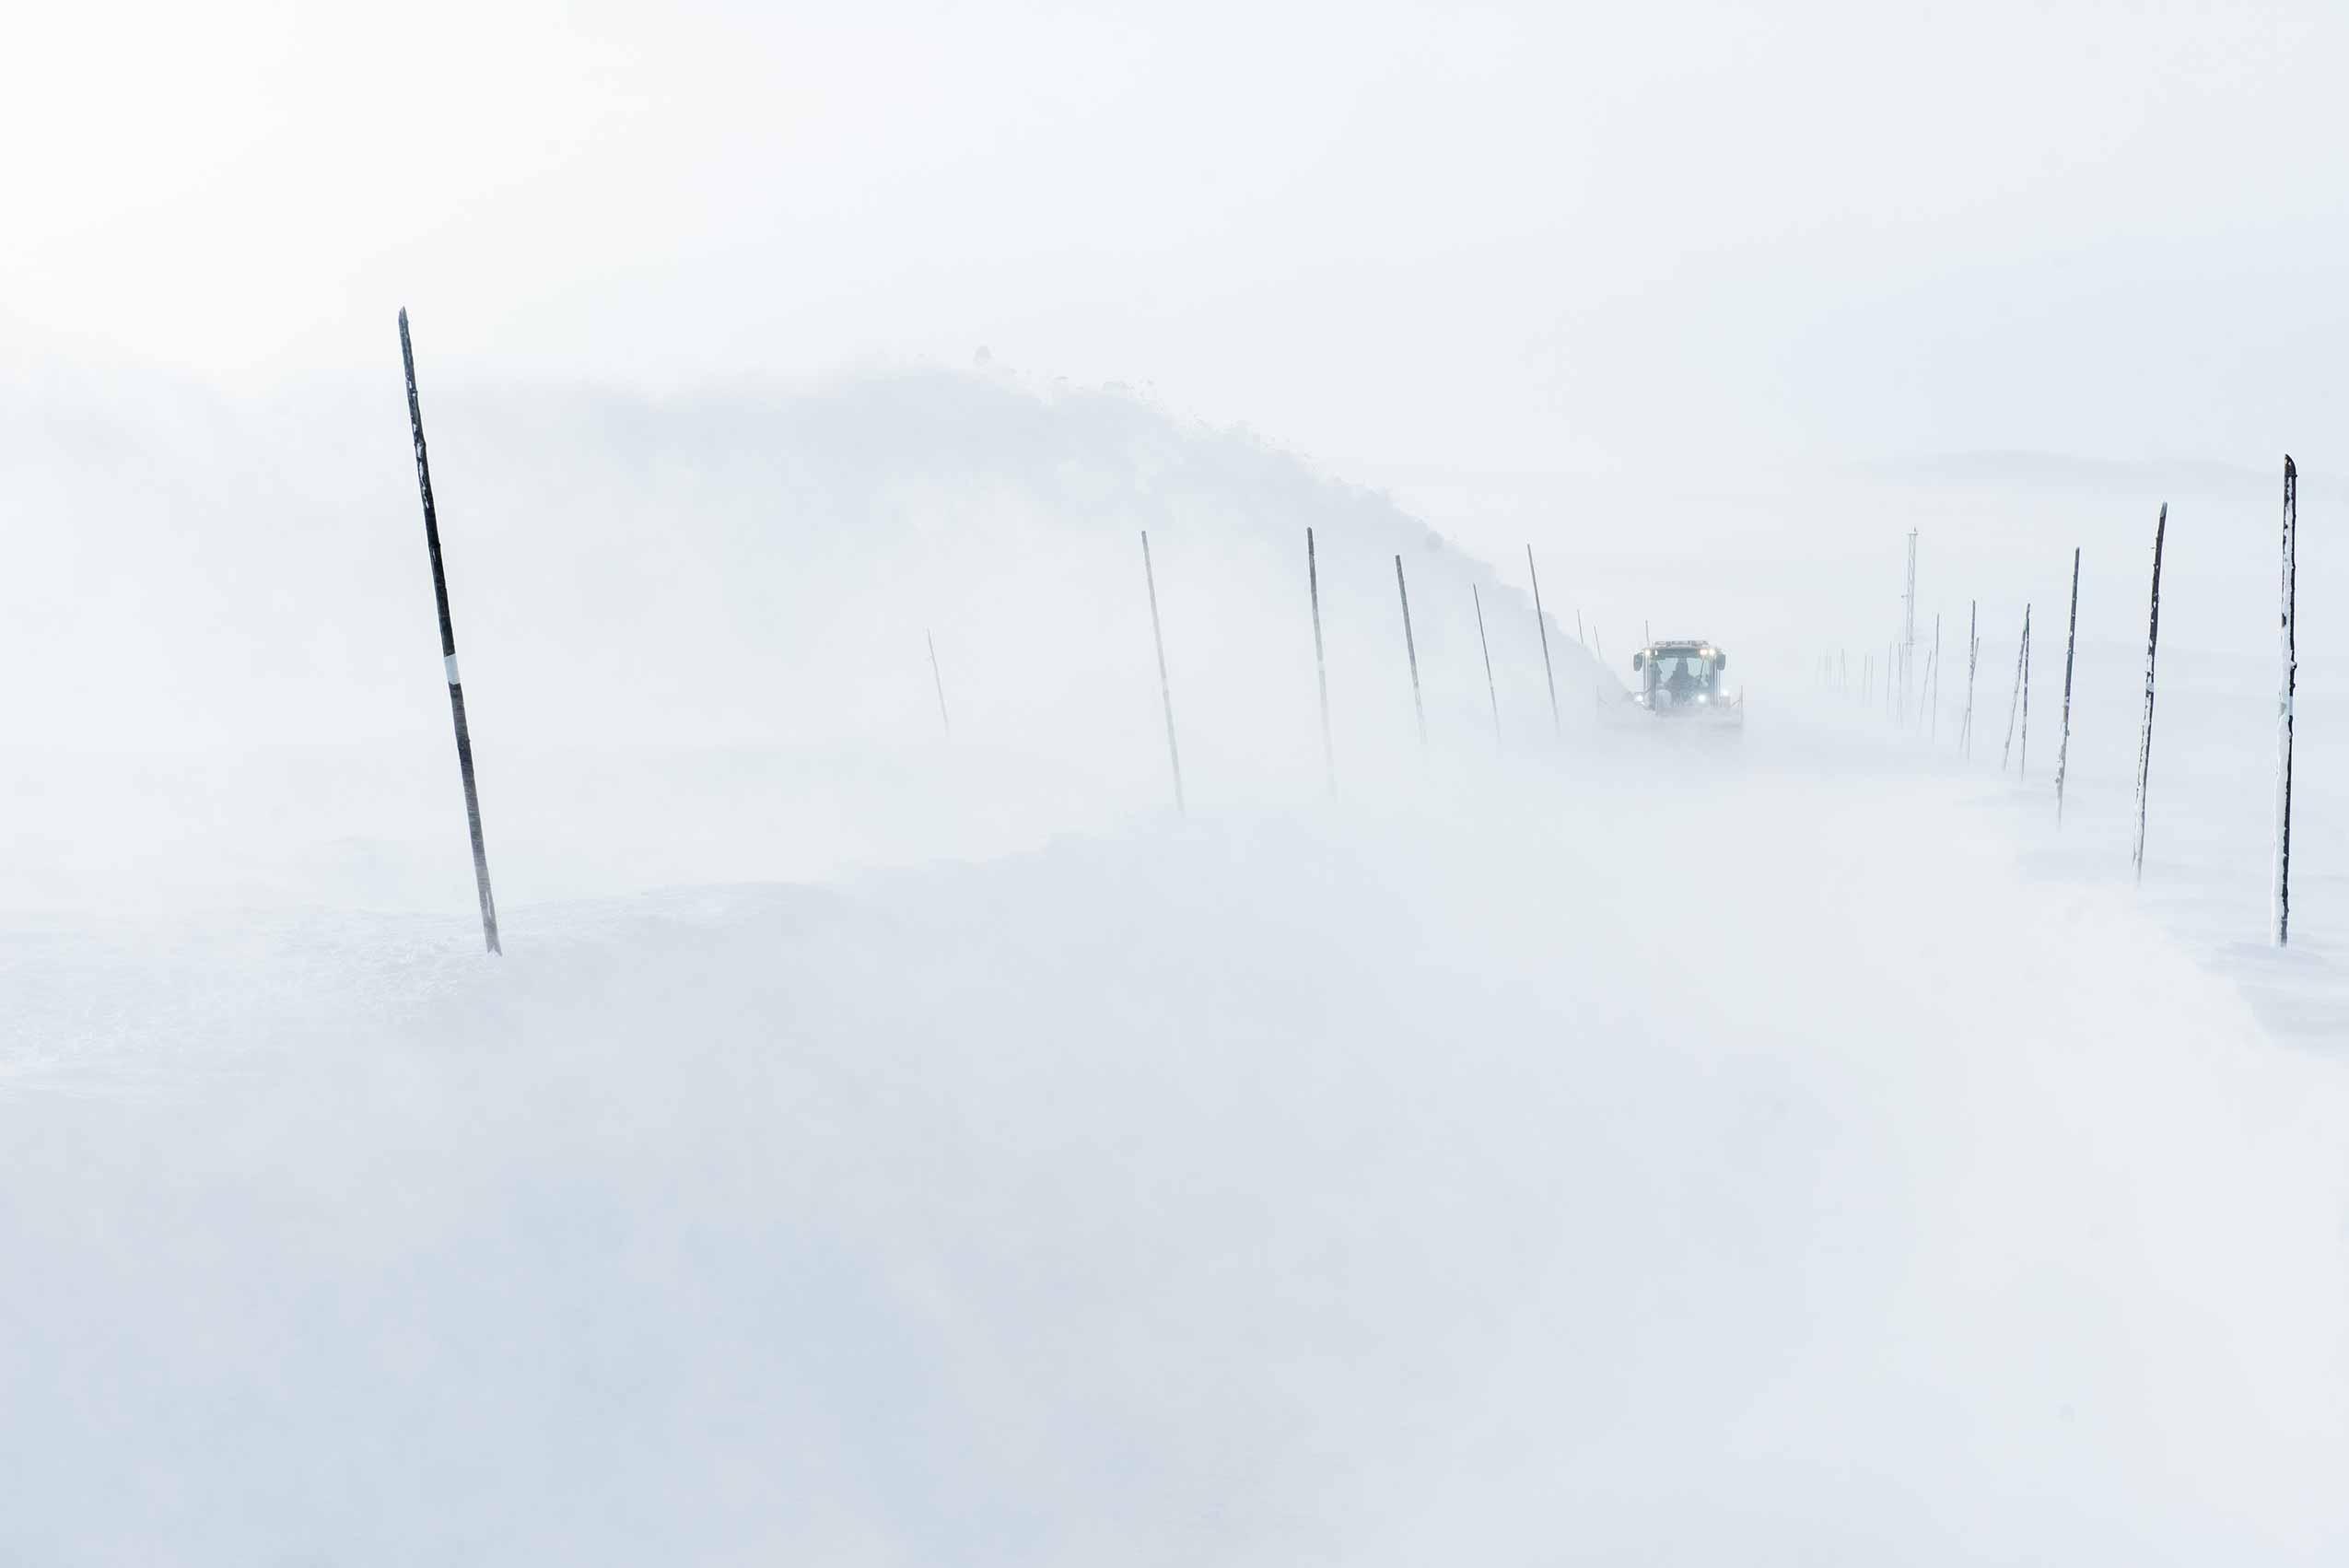 flokk_focus_snowplough_hag_capisco_03